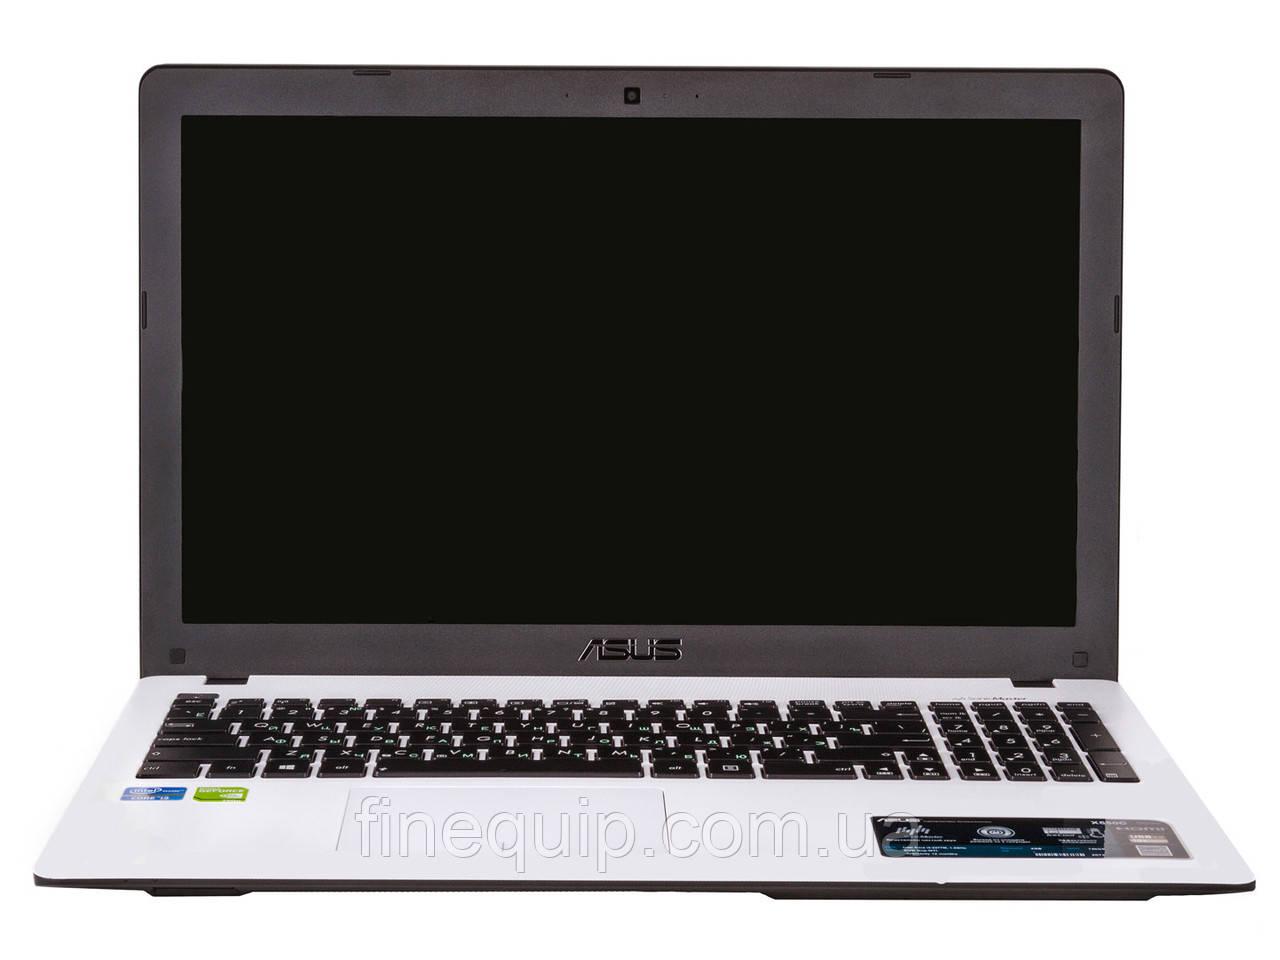 Ноутбук ASUS X550C-Intel Core i5-3337U-1.8GHz-4Gb-DDR3-320Gb-HDD-W15.6-Web-(C-)- Б/В